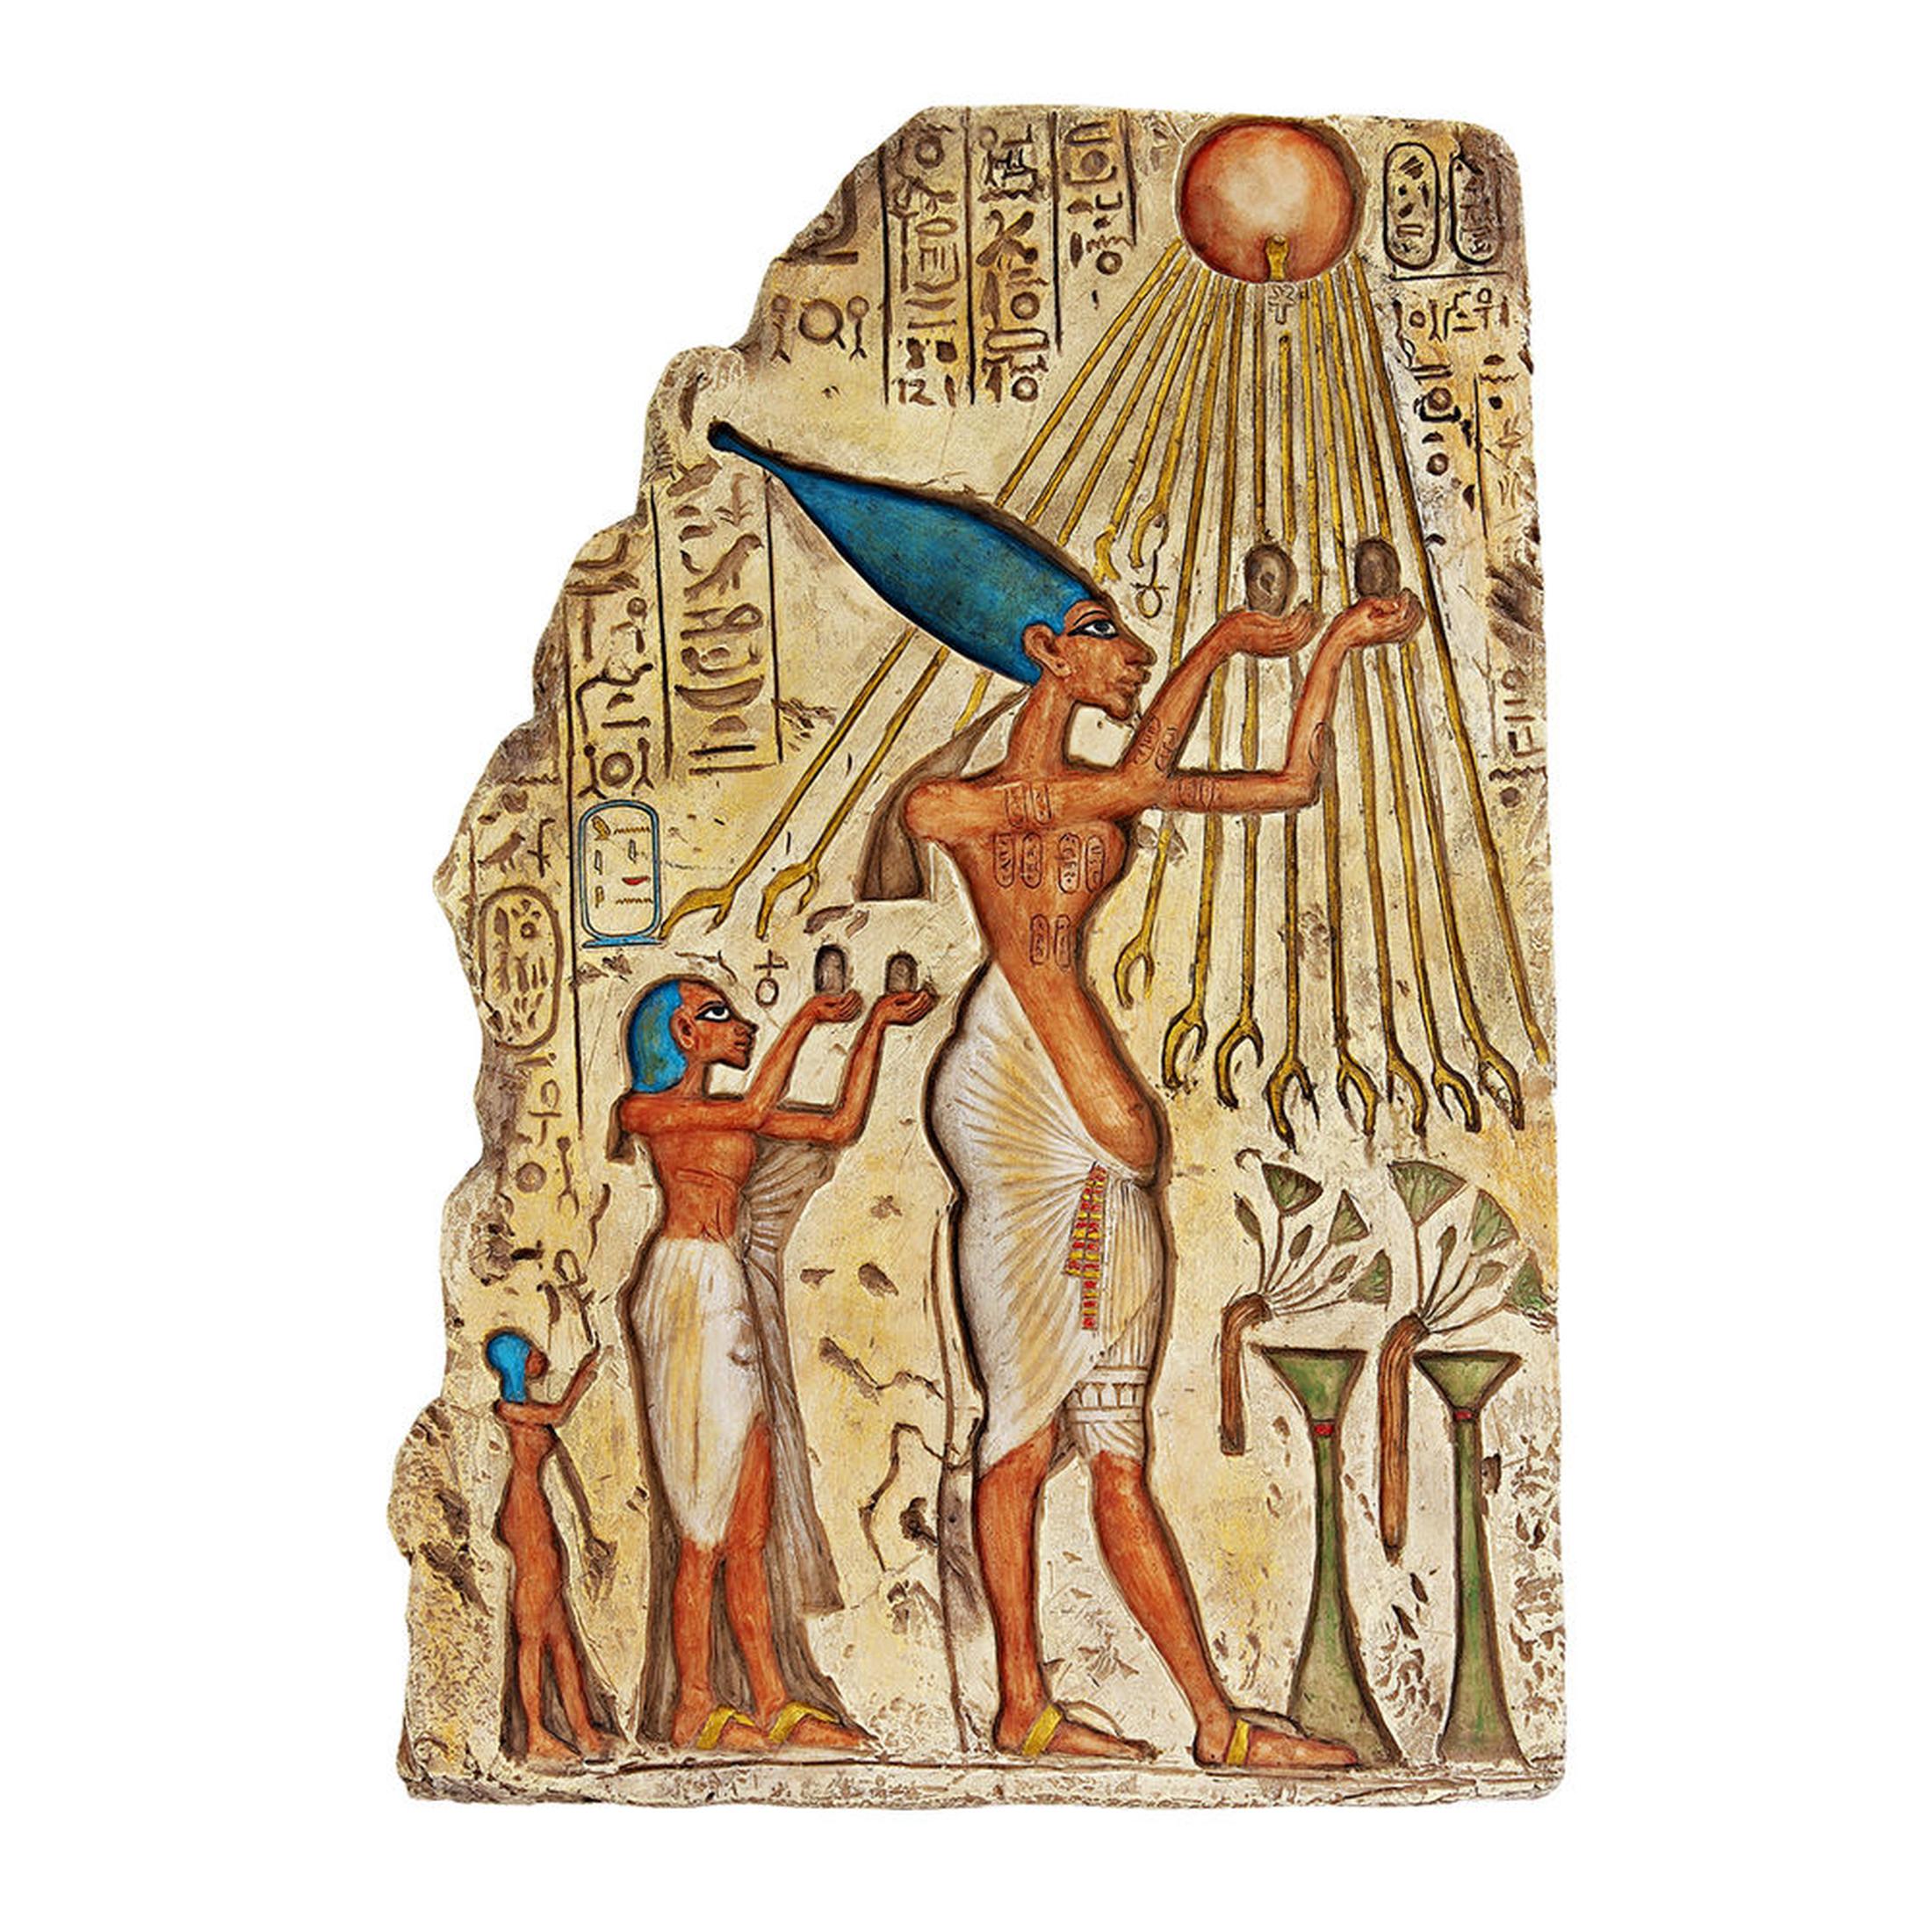 Амону – амониане – во время своих ритуальных обрядов нюхали нашатырь